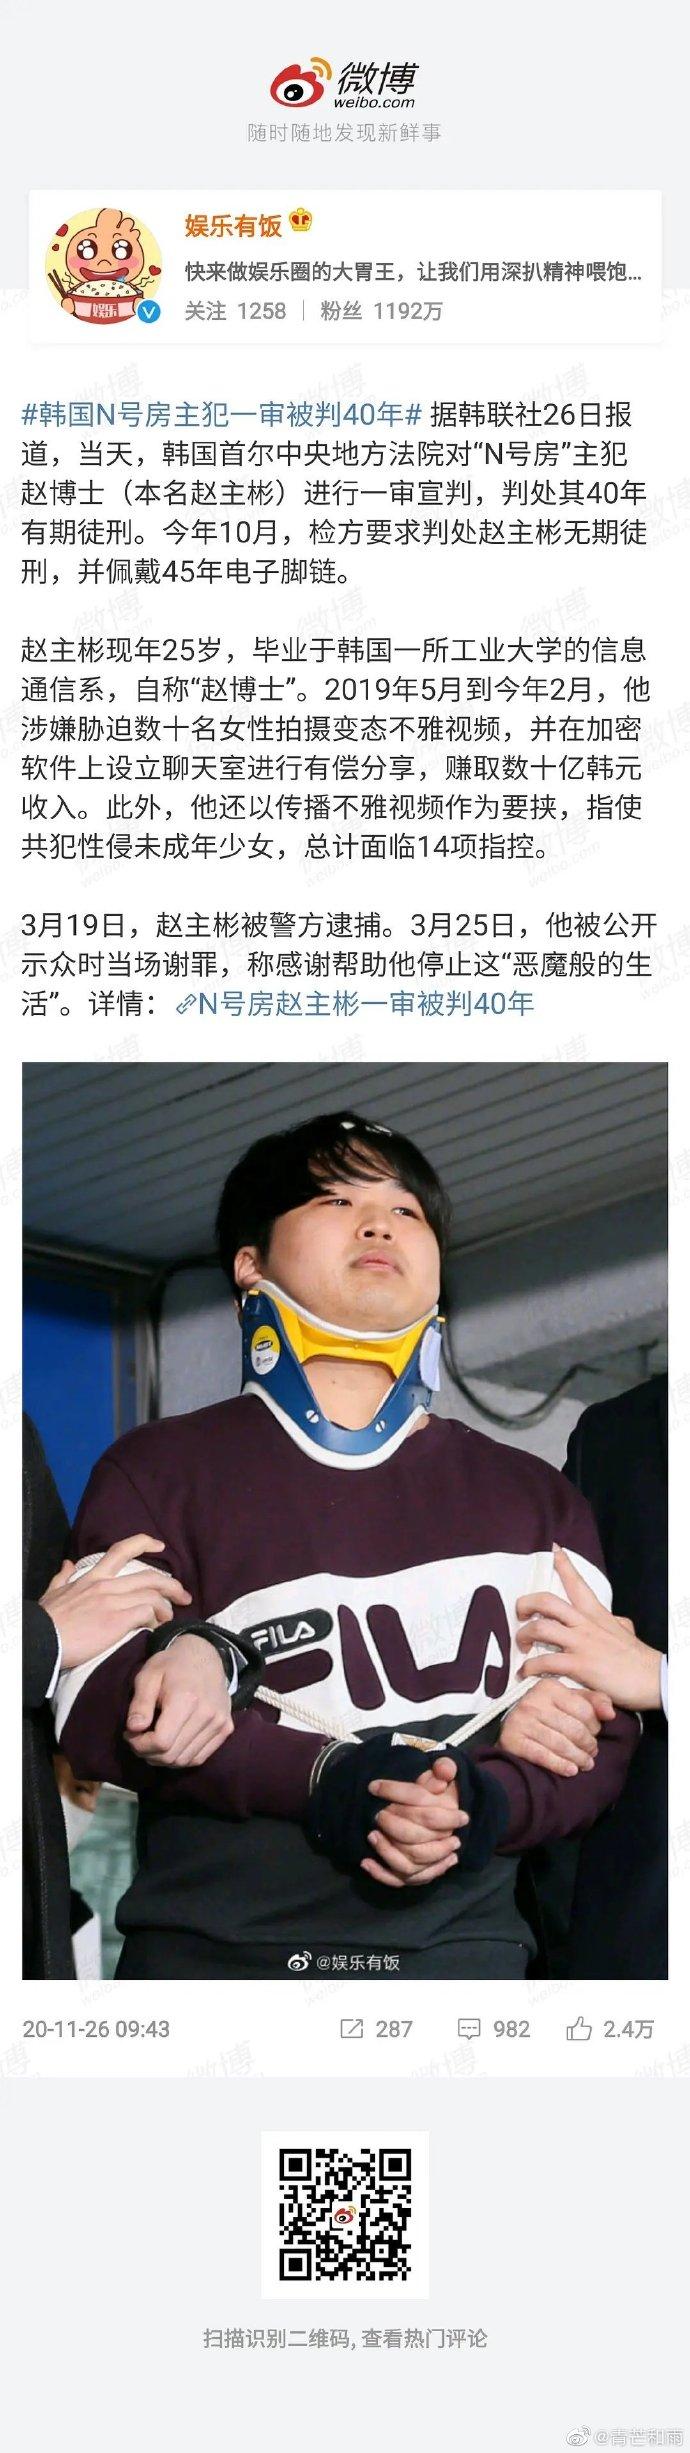 #韩国N号房主犯一审被判40年#  同是儒毒三国,我们现在真的落后了,JM的事砸到地上半天都听不到一声响[摊手] 